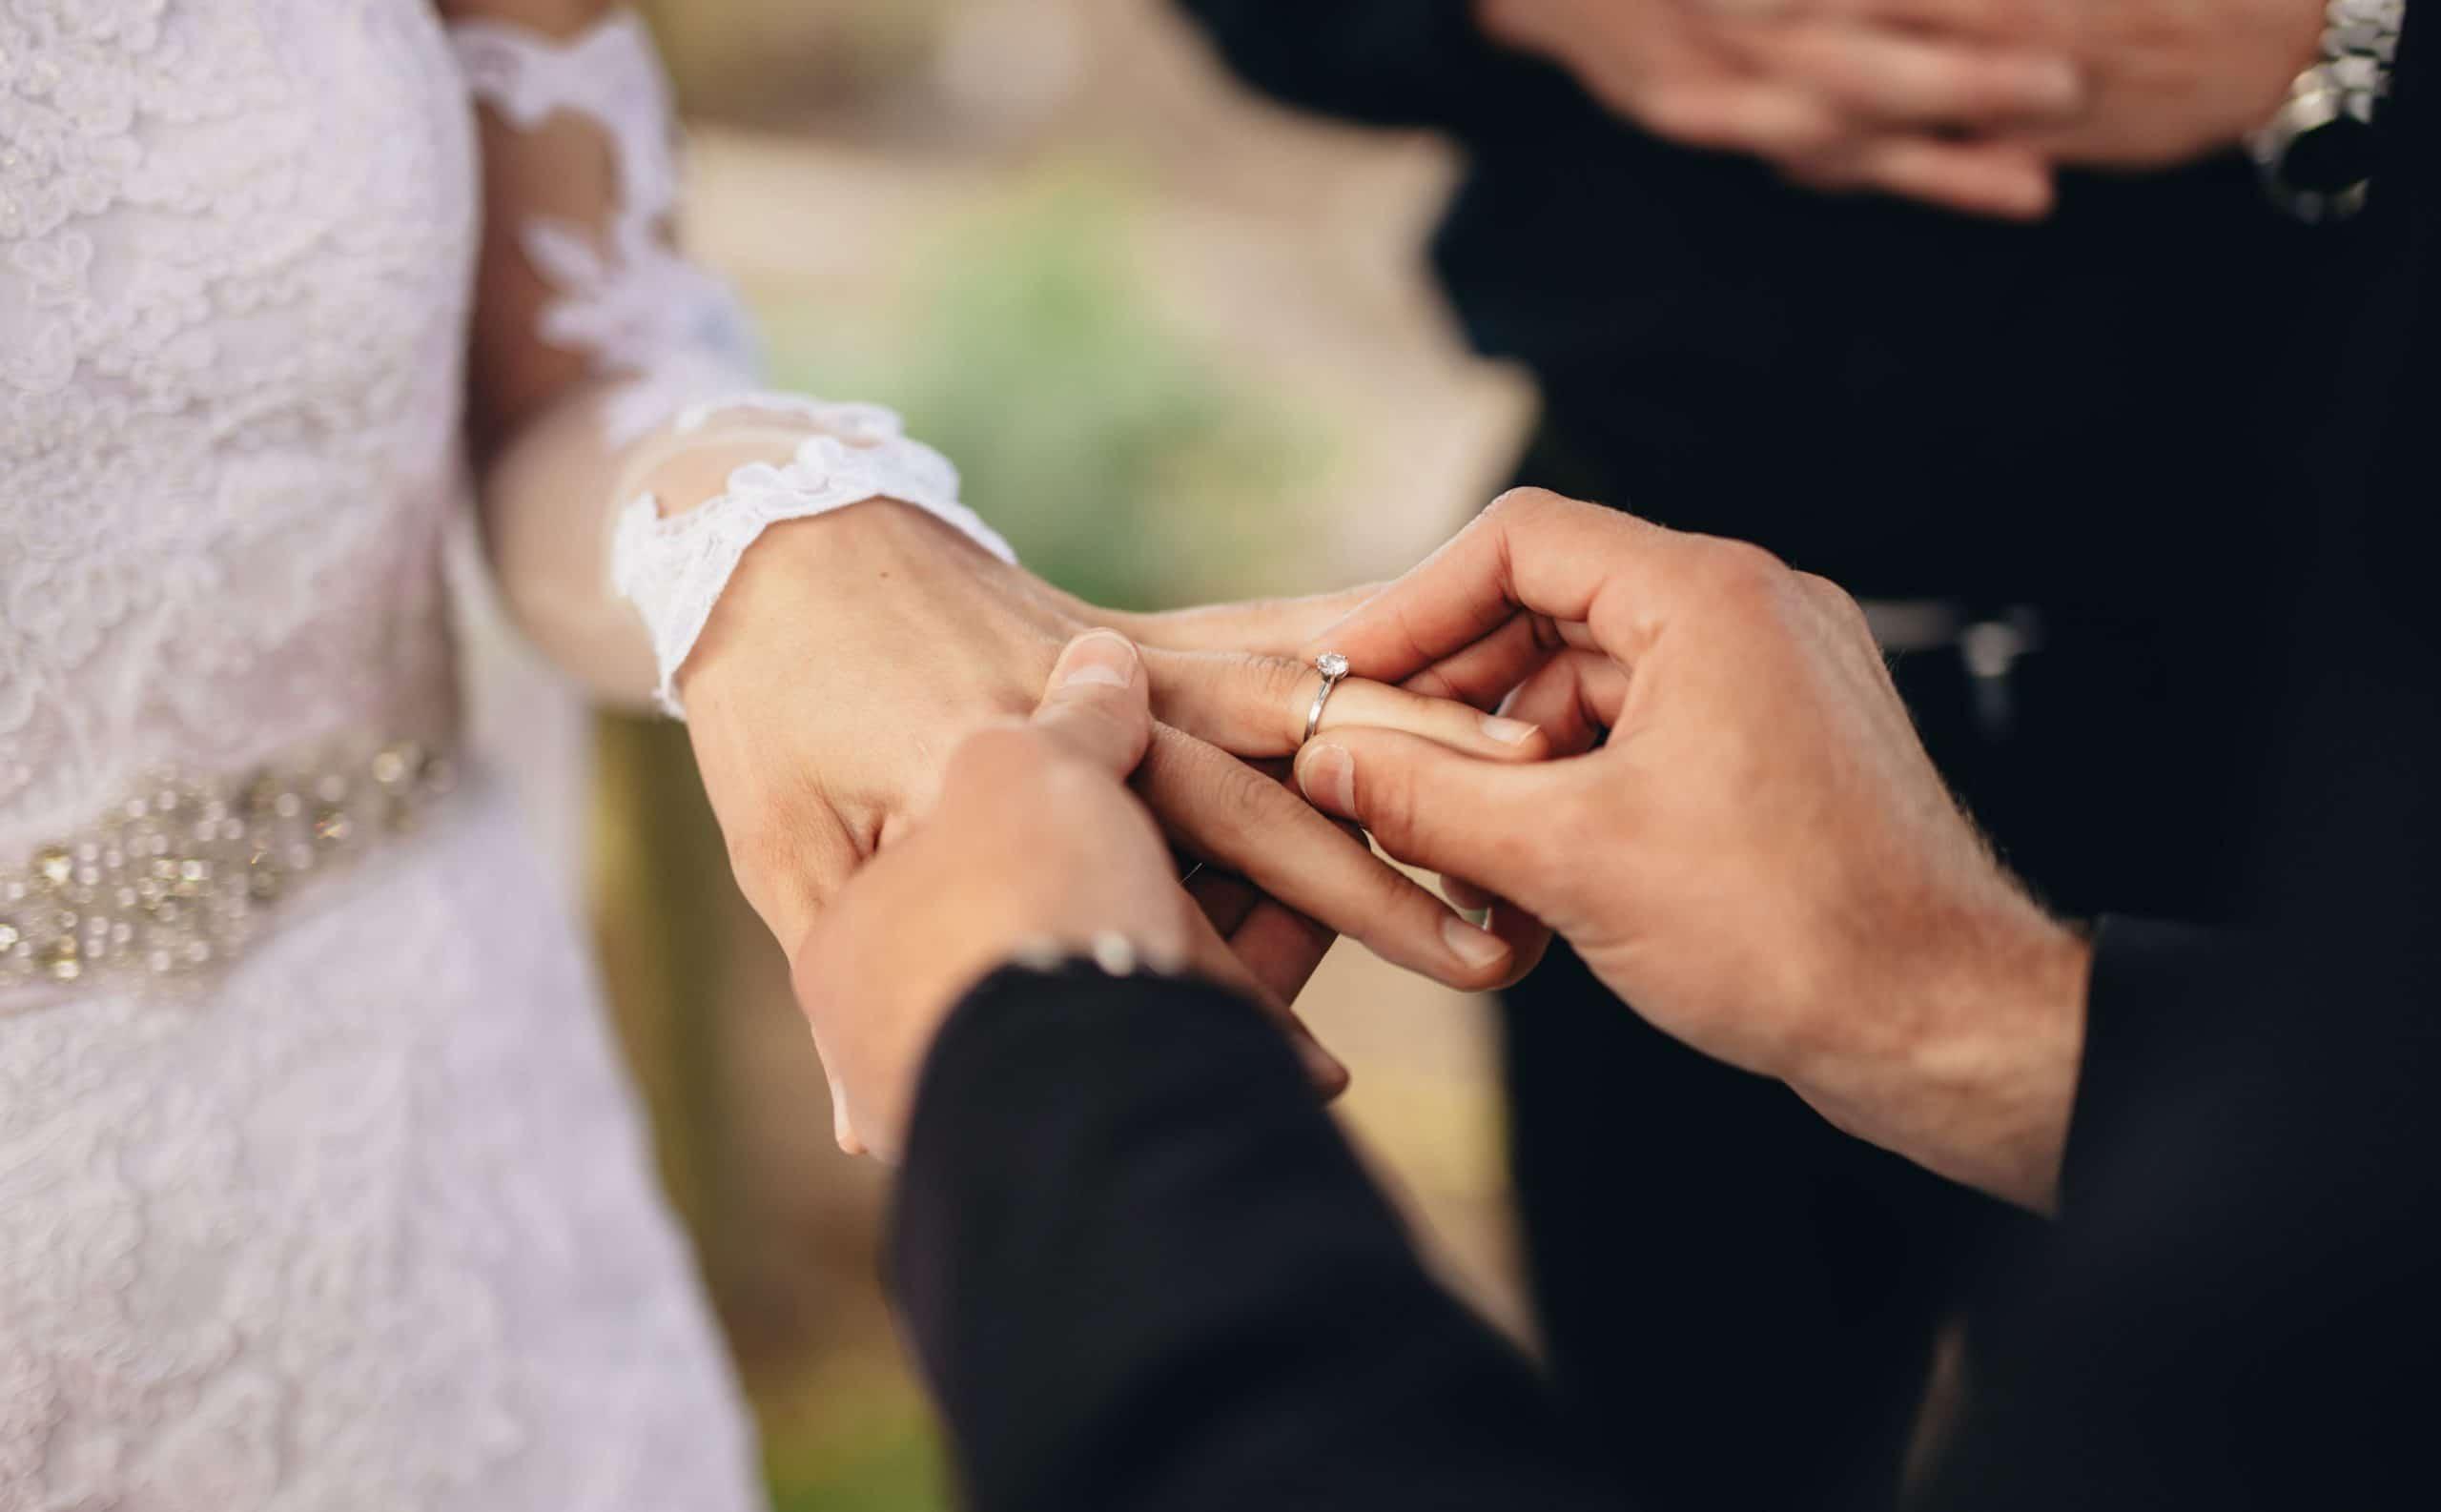 ازدواج اجبار است یا یک پروژه مشترک؟